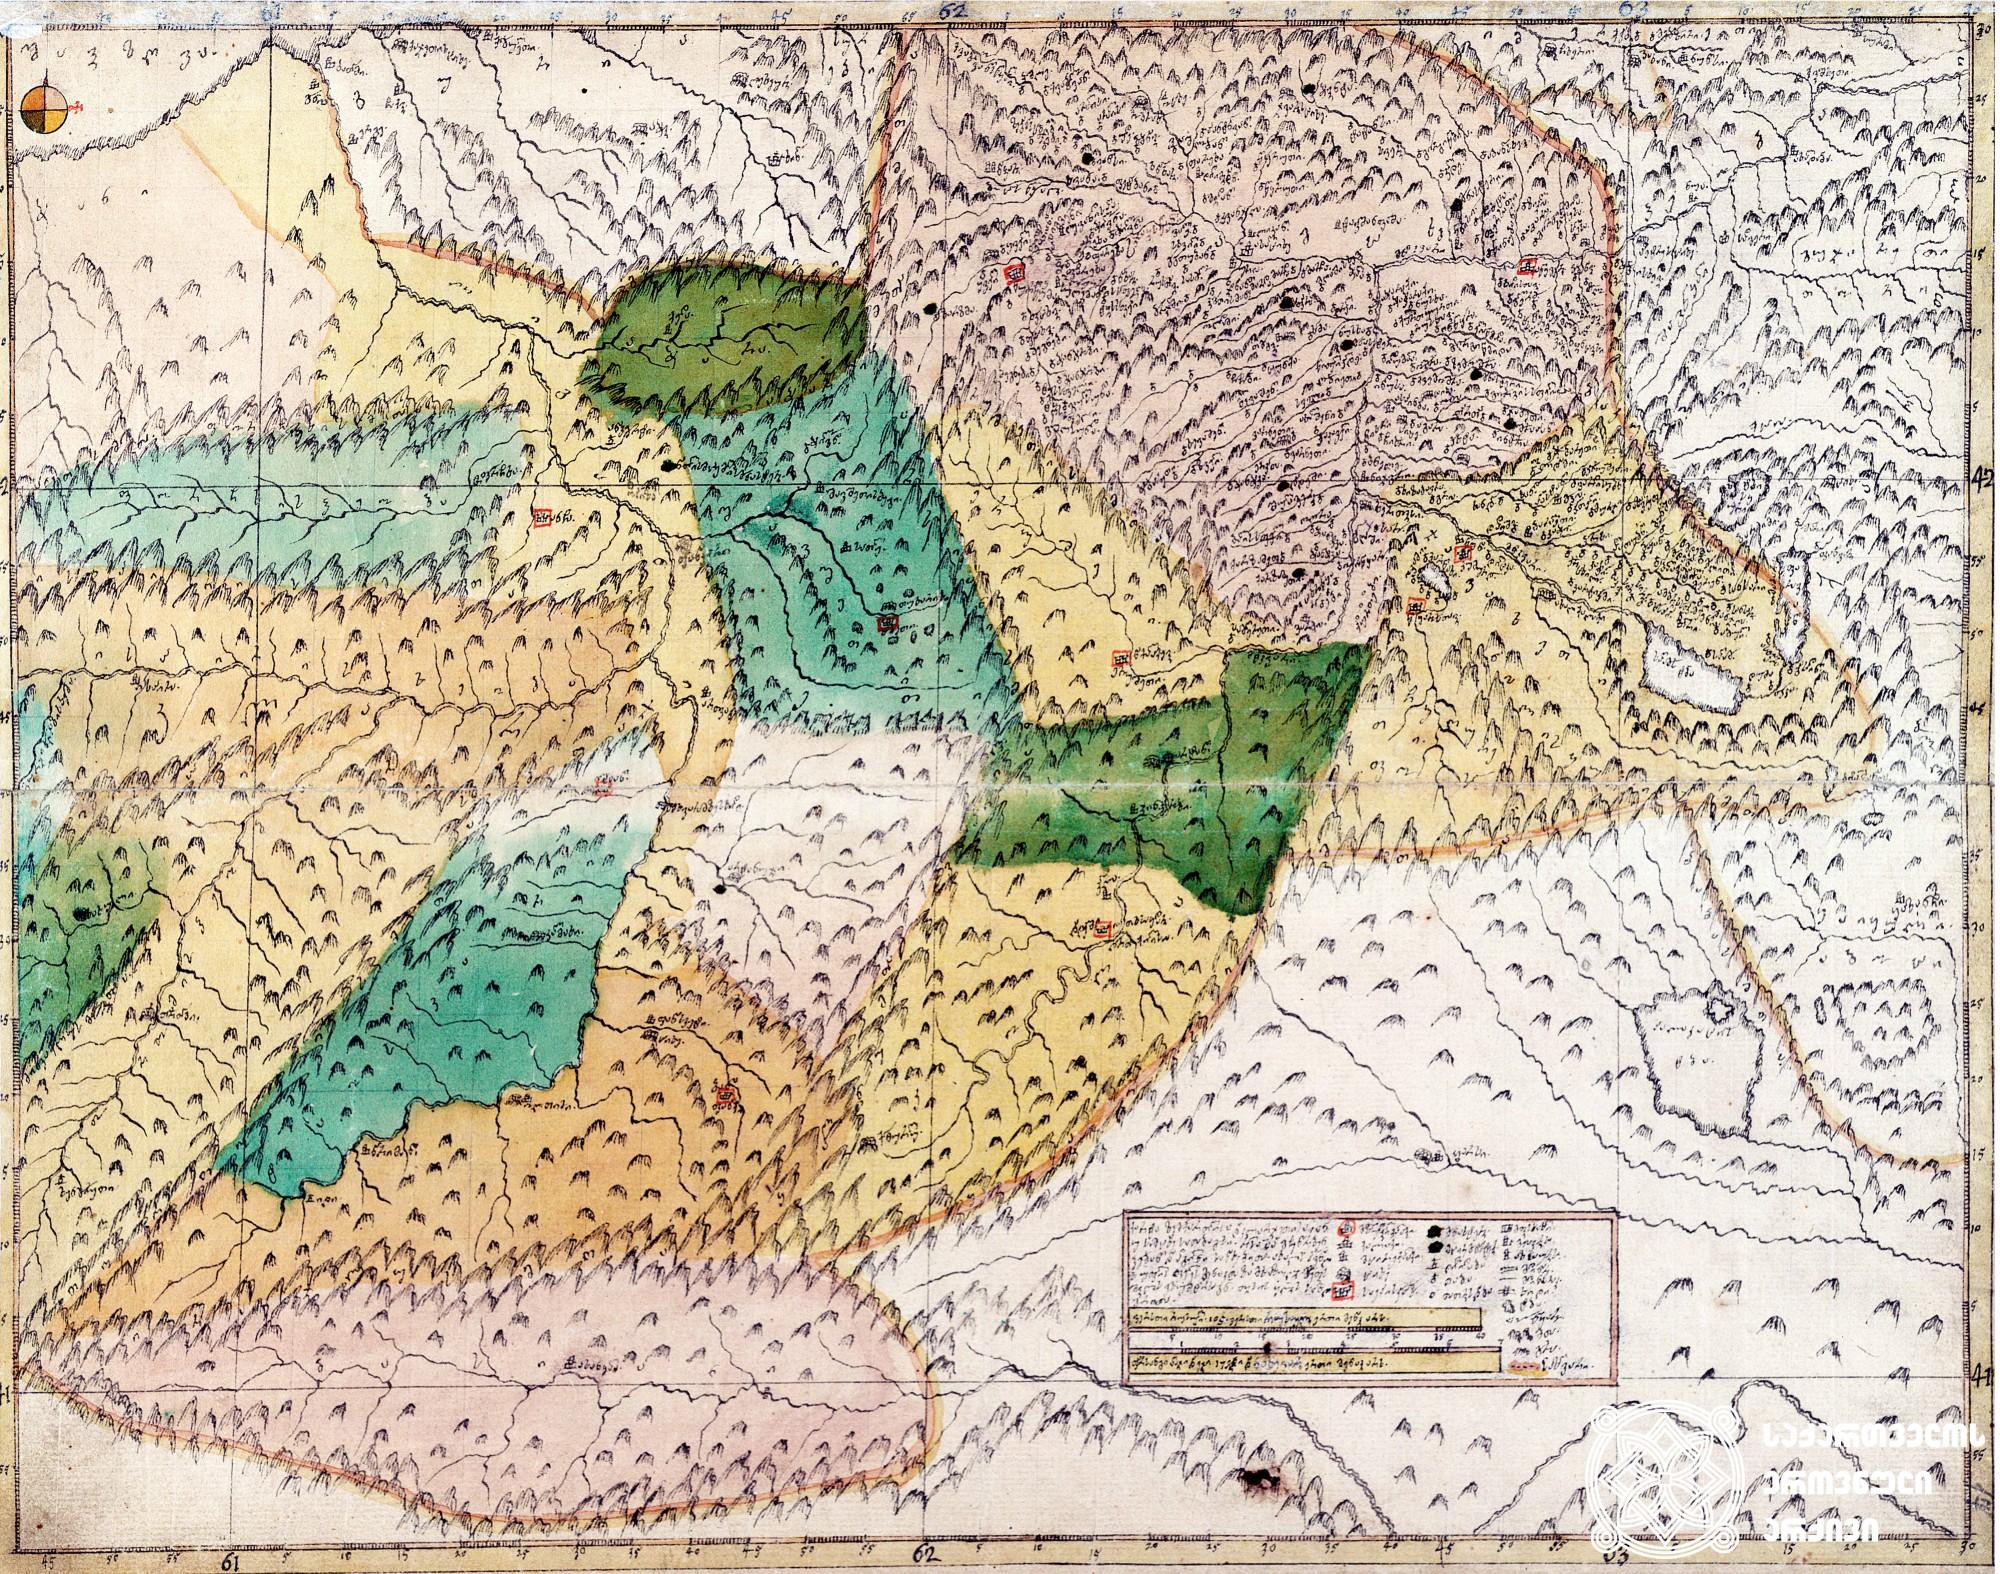 """ვახუშტის ატლასი <br> ზემო ქართლისა და კლარჯეთის რუკა <br> Atlas of Vakhushti <br> The map of Upper Kartli and Klarjeti <br> """"ქარტა ზემო ქართლისა და კლარჯეთისა ანუ სამცხე-საათაბაგოსი, რომელსა შინა მჩენარებენ ჴეობანი და ადგილნი სანახებითა. ახალს პოვნილს უფლის ფელეს მენაკთა ზედა. მოხაზული მეფის შვილის ვახუშტისგან თვისის ყოვლის საზღვრითა""""."""